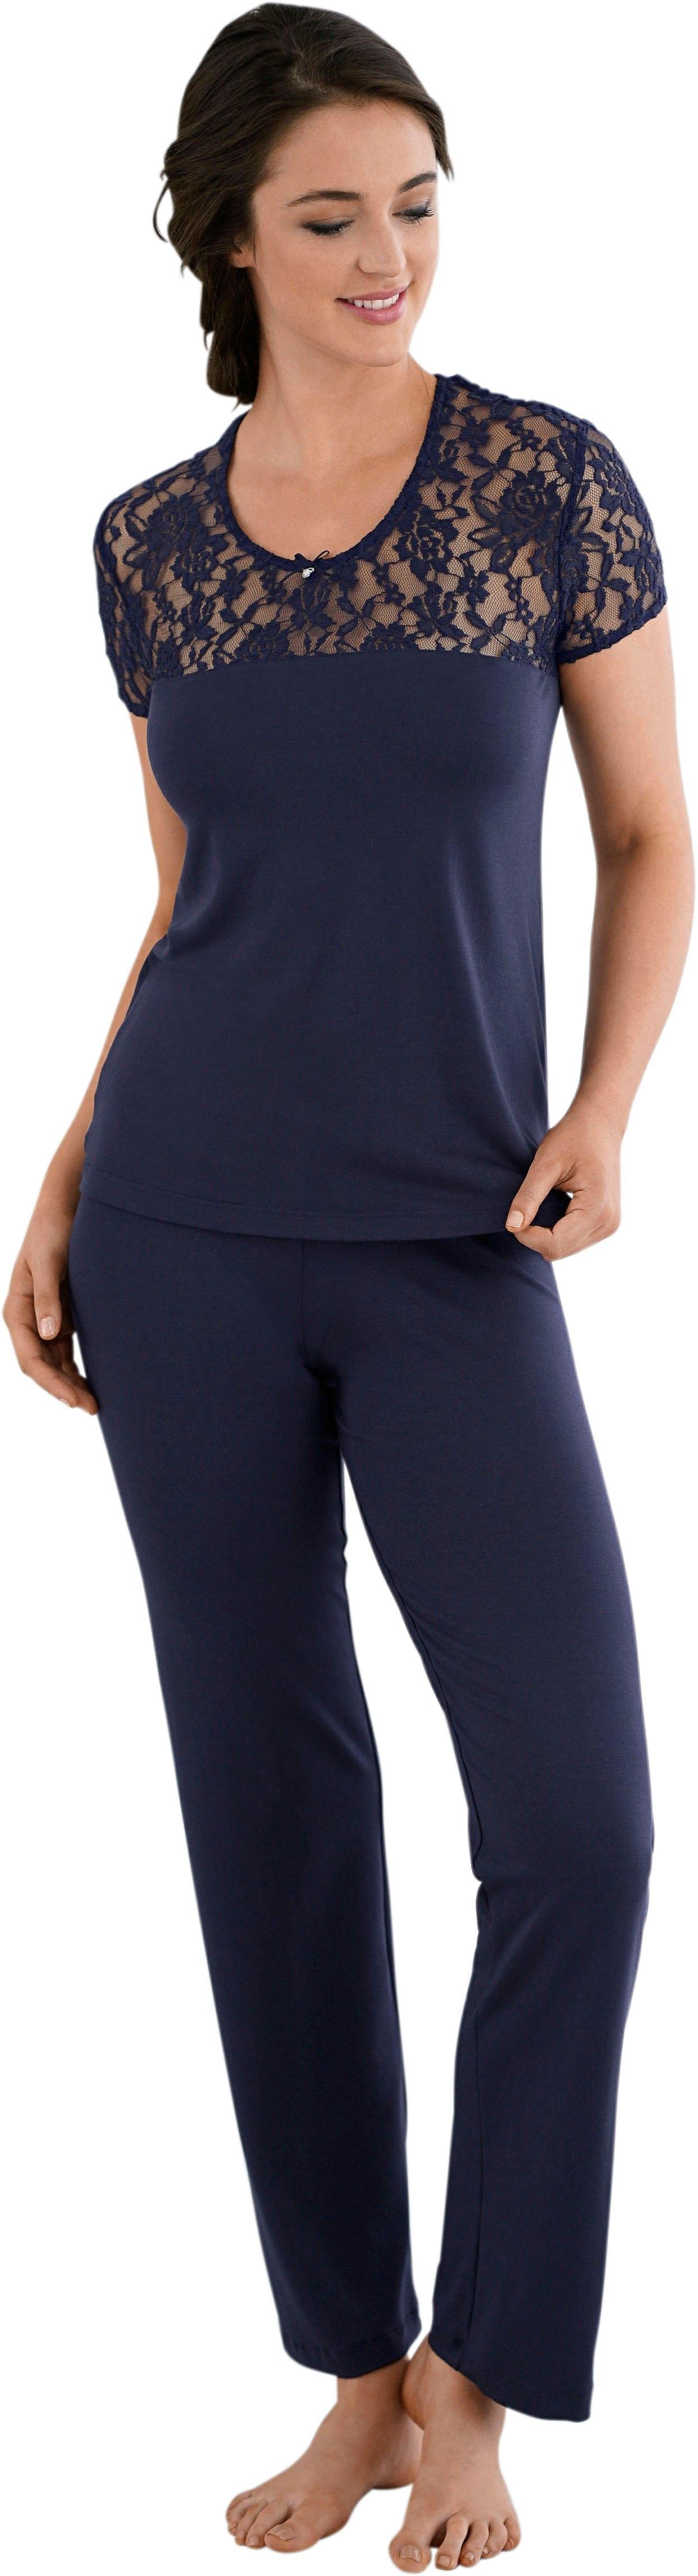 Südtrikot pyjama nu online kopen bij OTTO